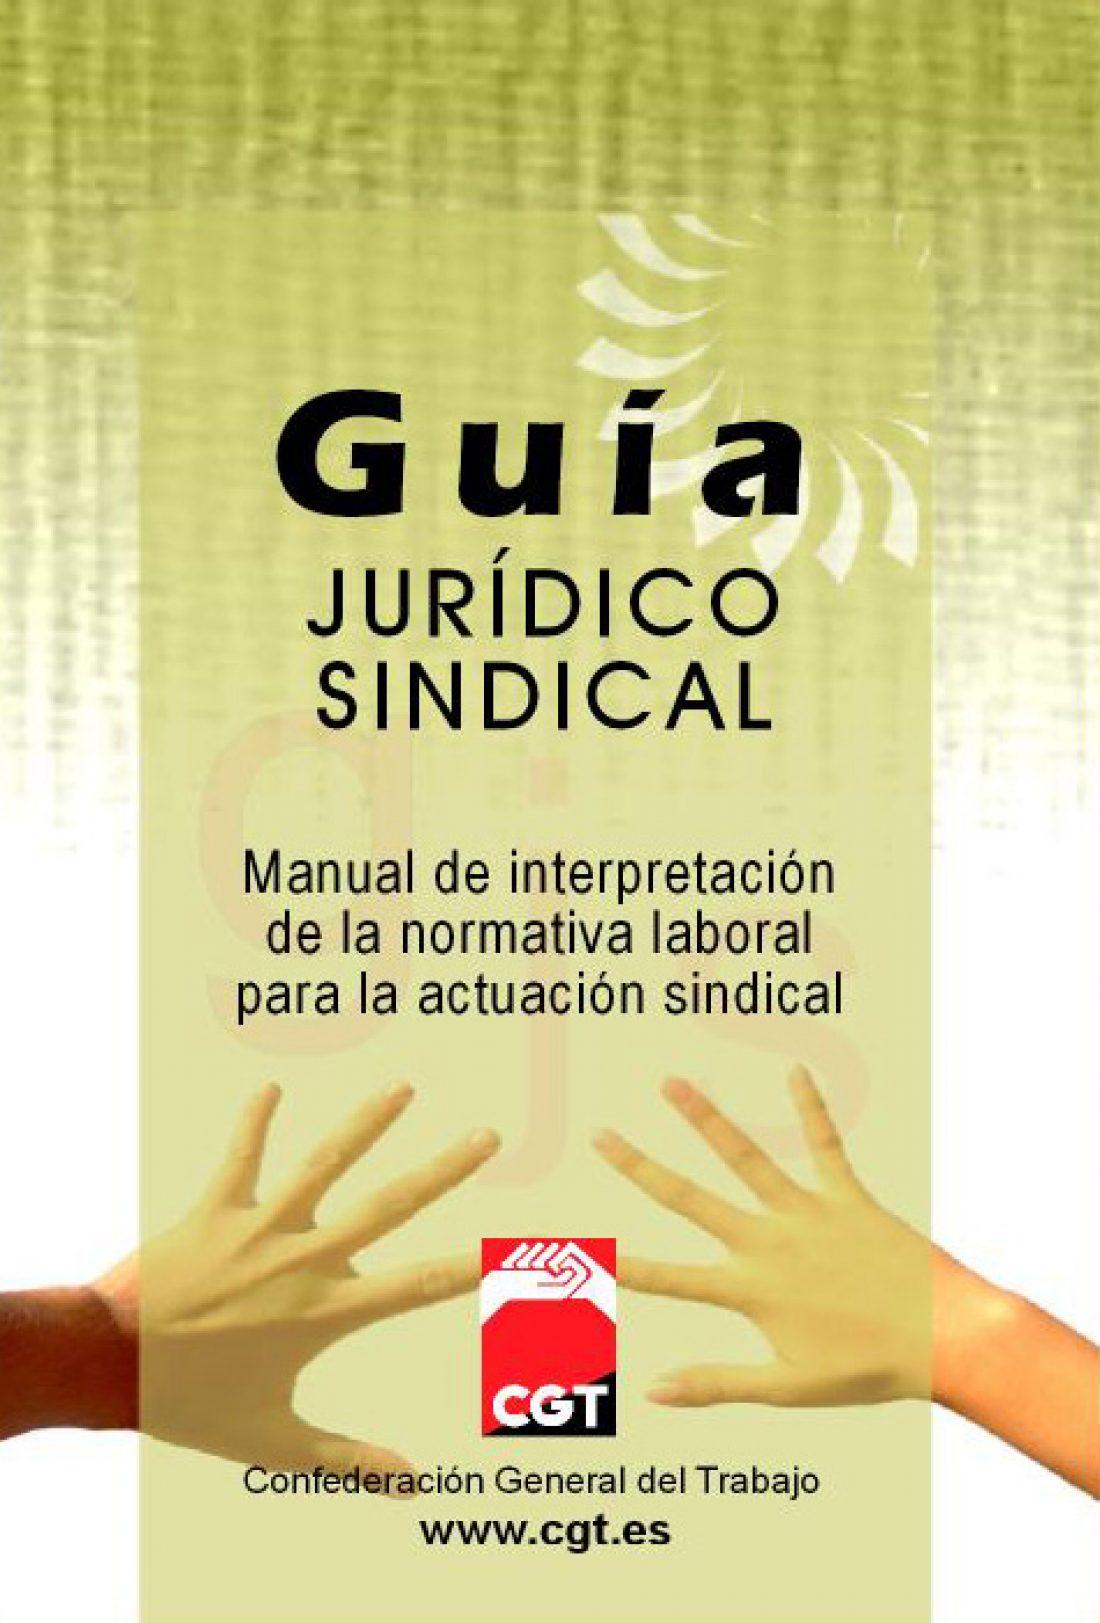 CGT presenta la nueva edición de la Guía Jurídico Sindical